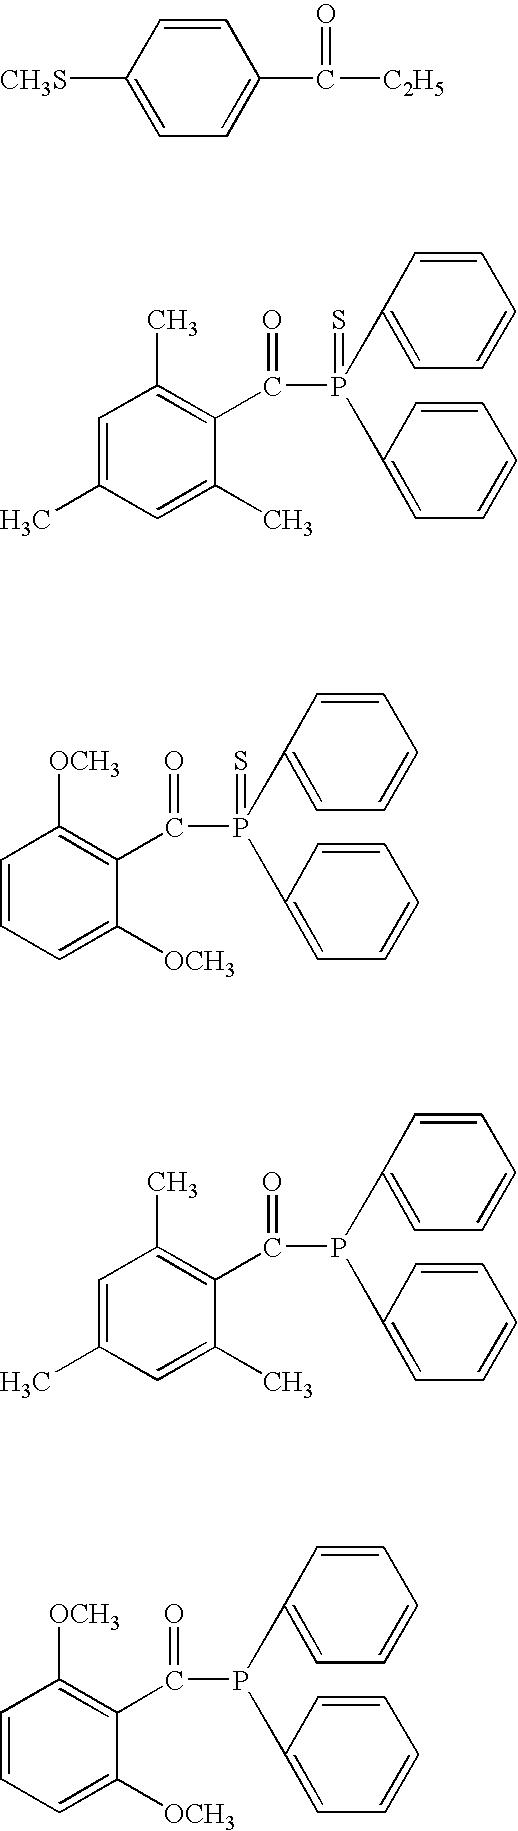 Figure US20090220753A1-20090903-C00013